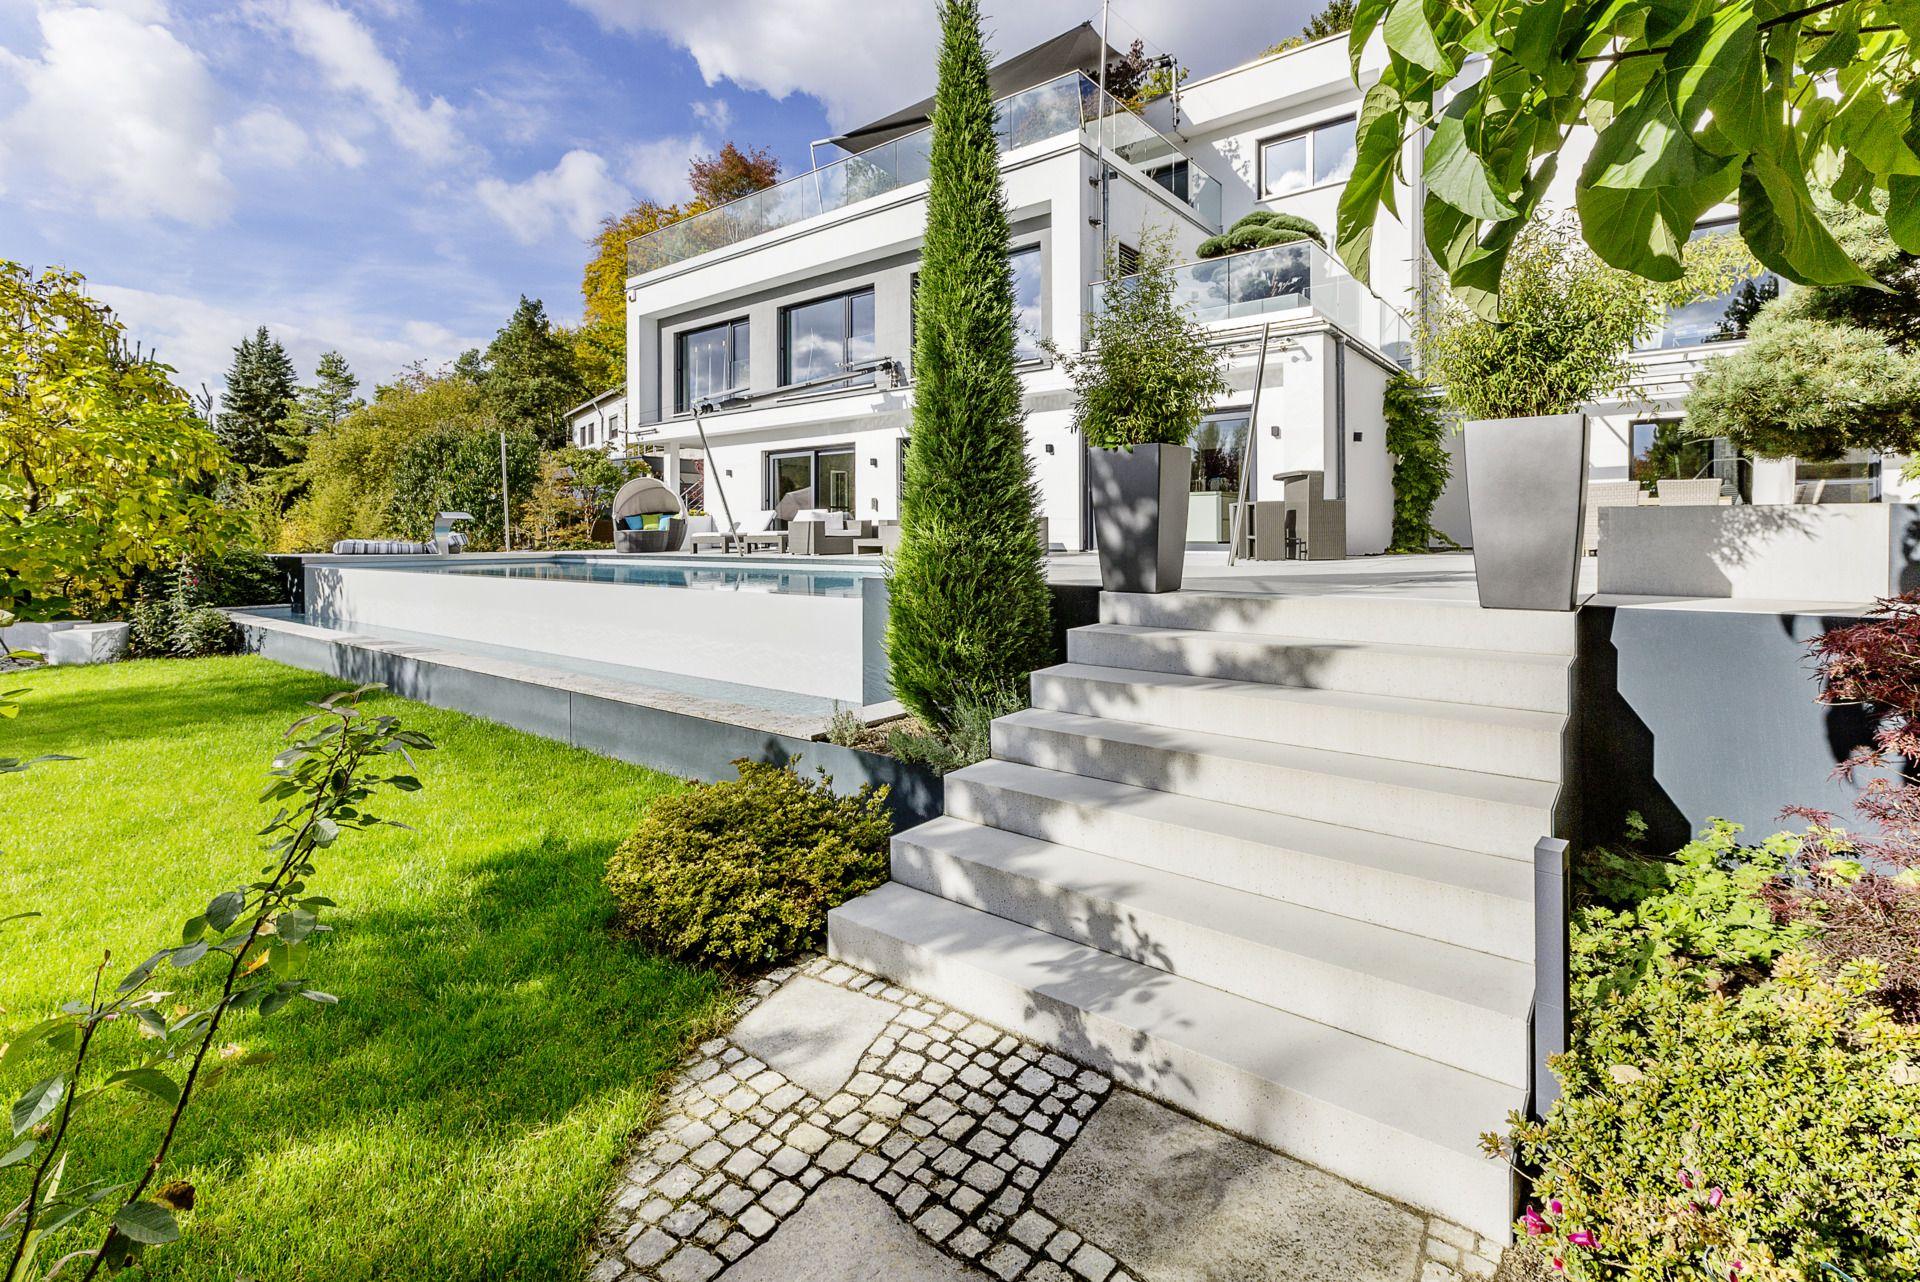 Moderner Garten Mit Treppe Als Aufgang Zur Terrasse Mit Infinity Pool Aussen Hauser Moderner Garten Flusshaus